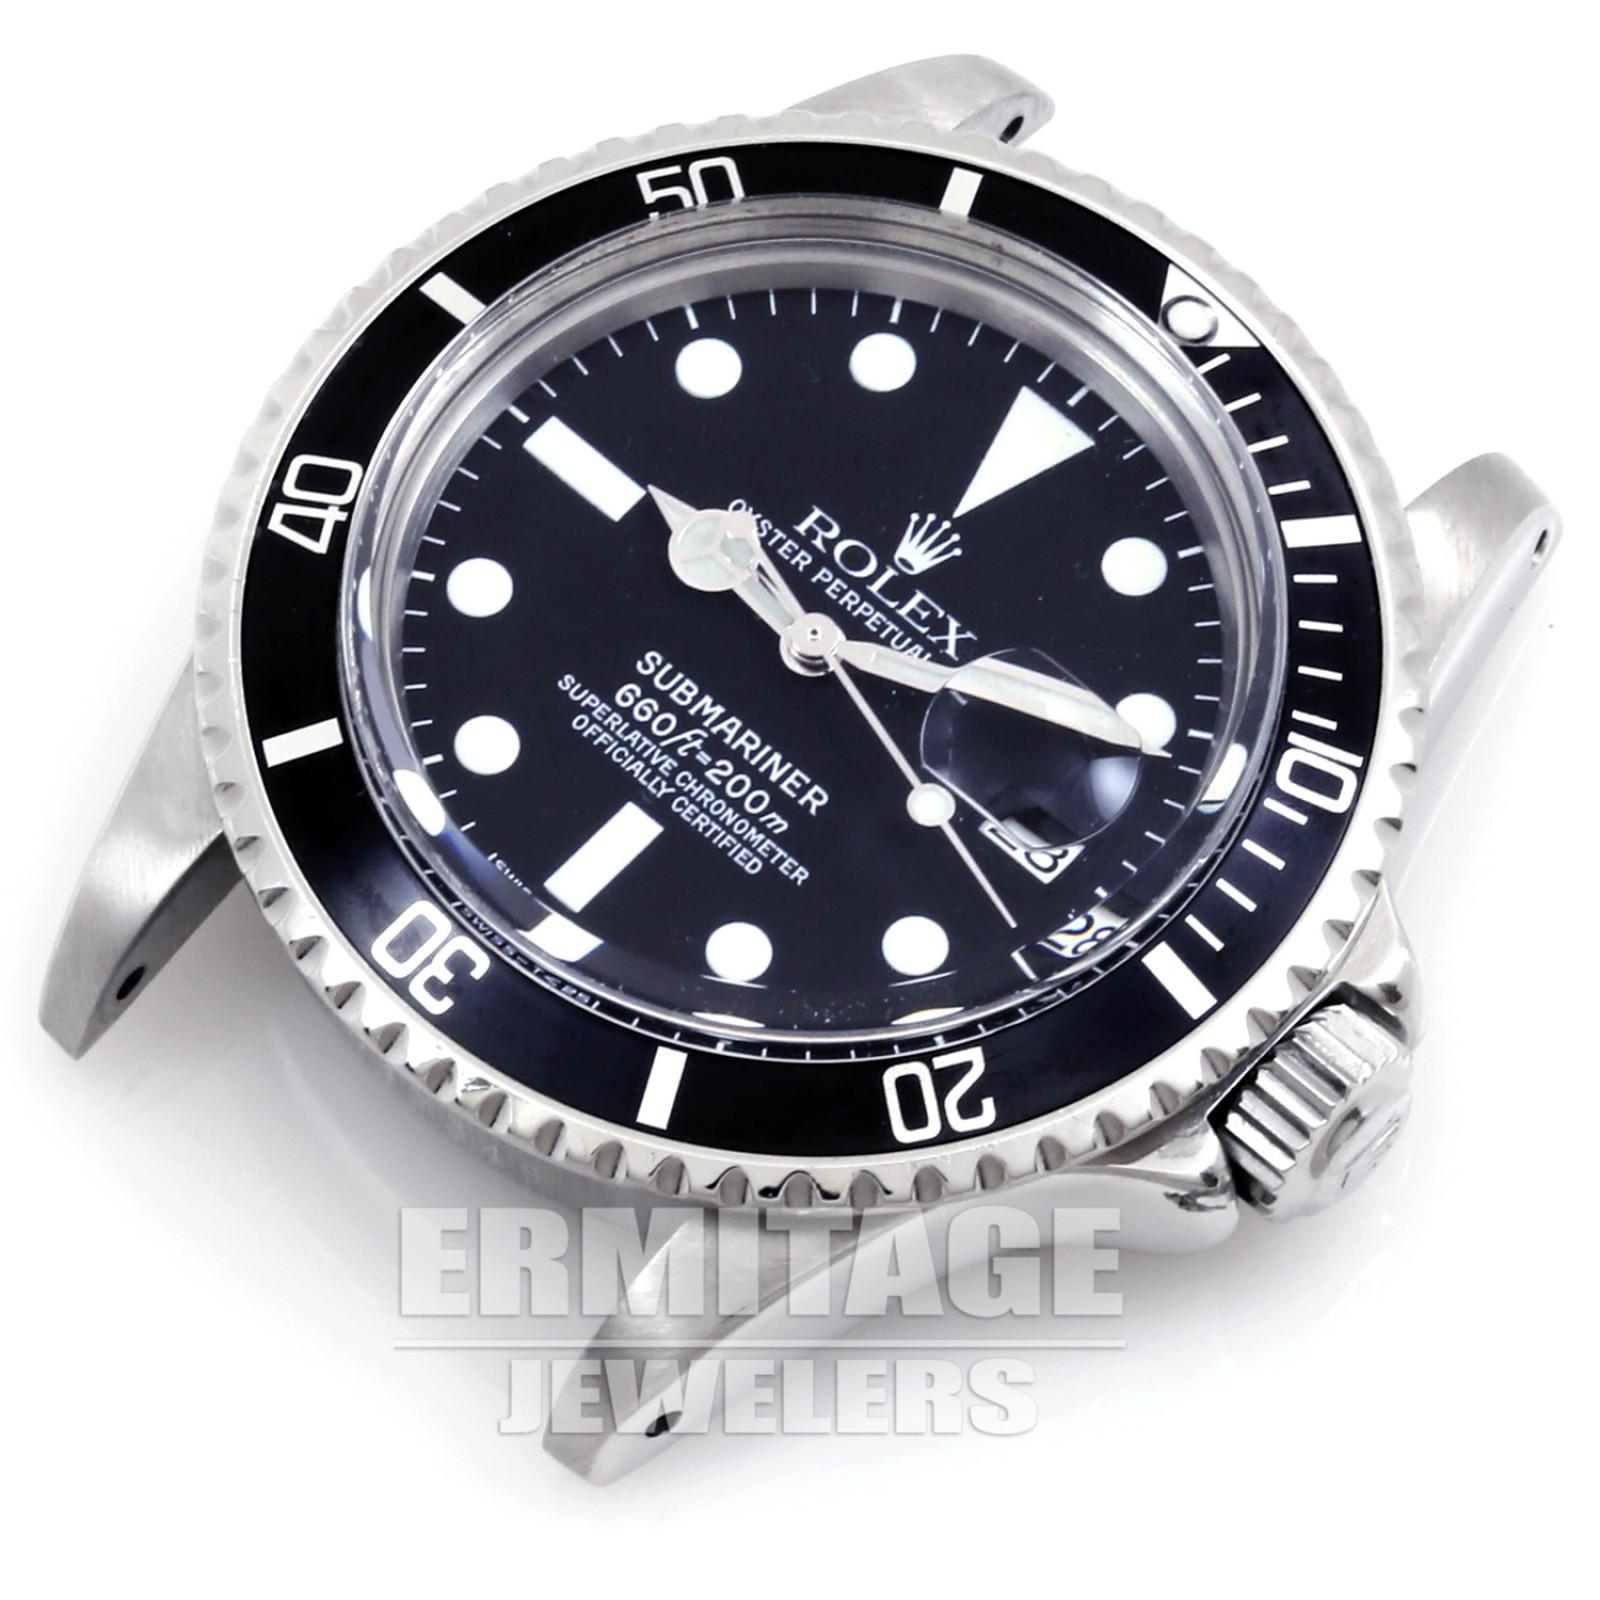 Vintage Rolex Submariner 1680 Black